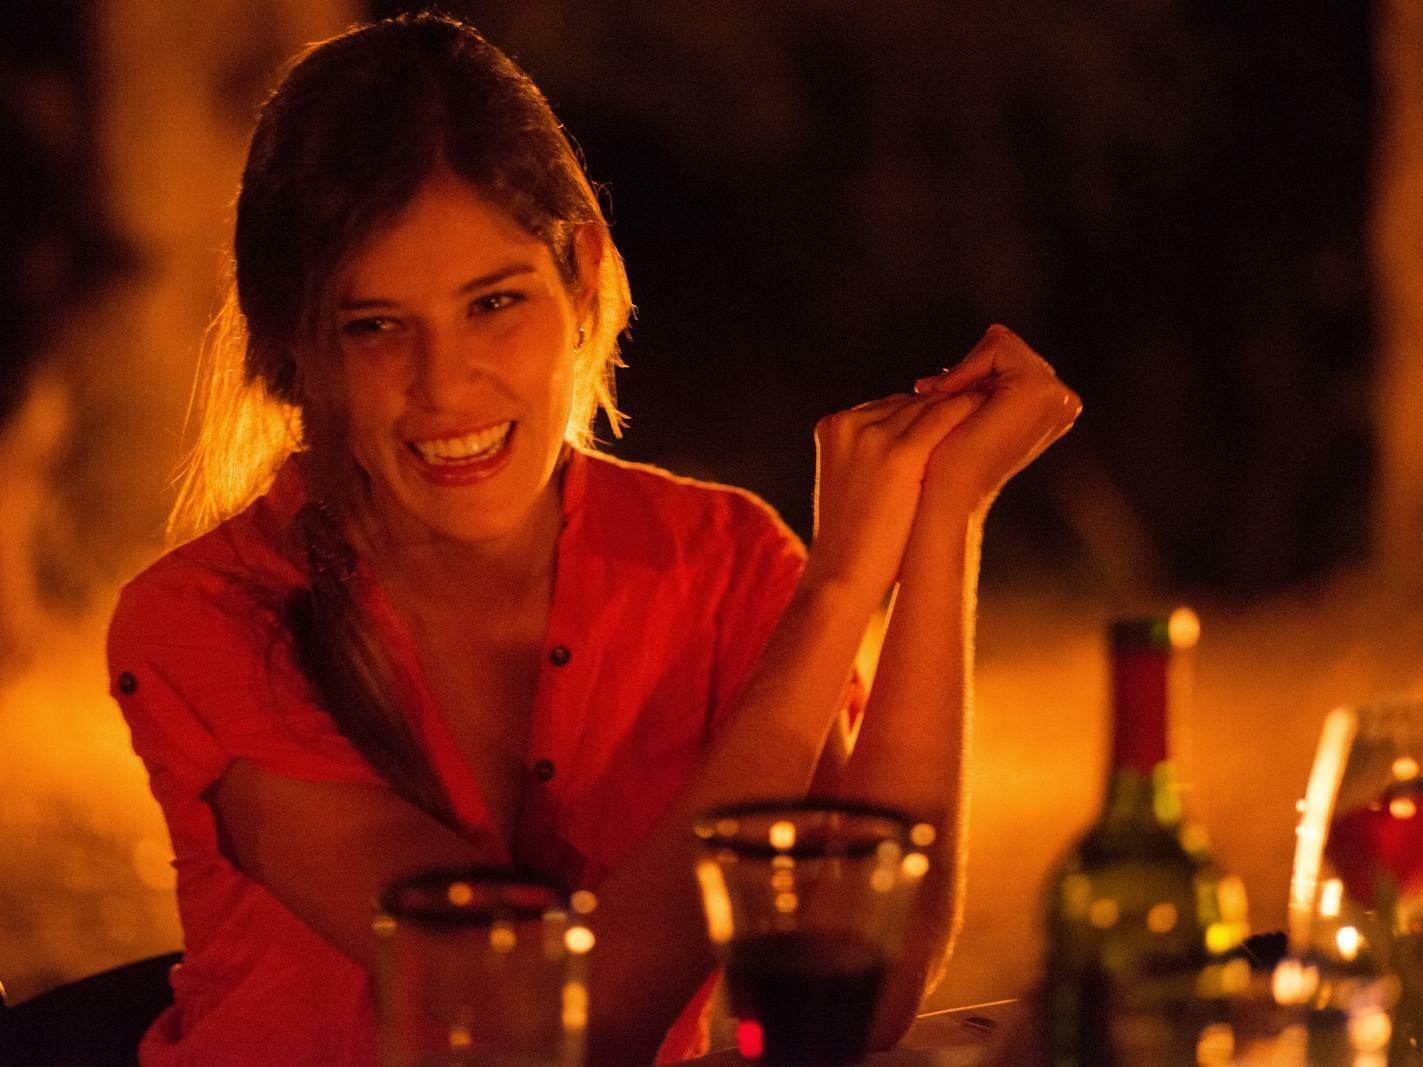 woman smiling at bar